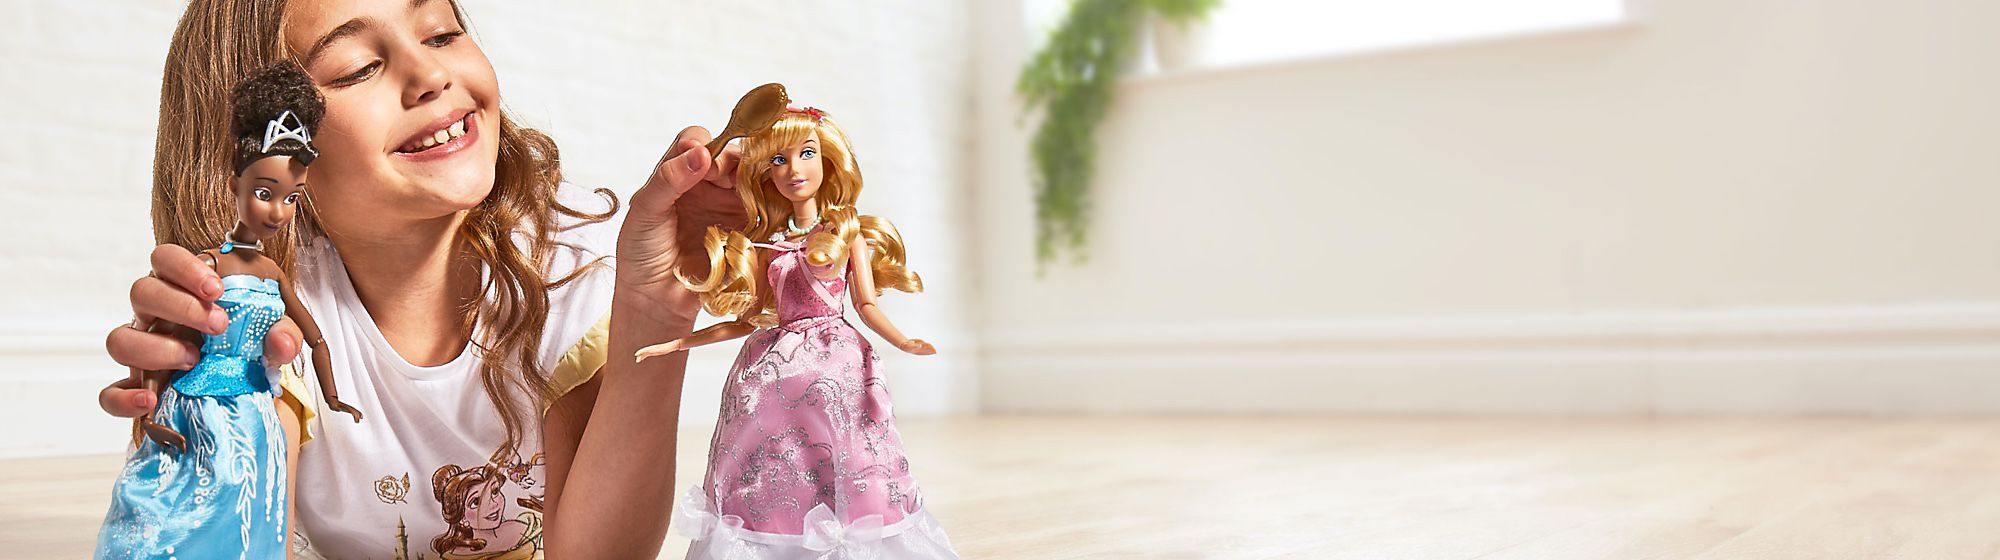 Bambole Storie e momenti di gioco spensierati con la bellissima collezione di bambole Disney, Star Wars, Pixar e Marvel